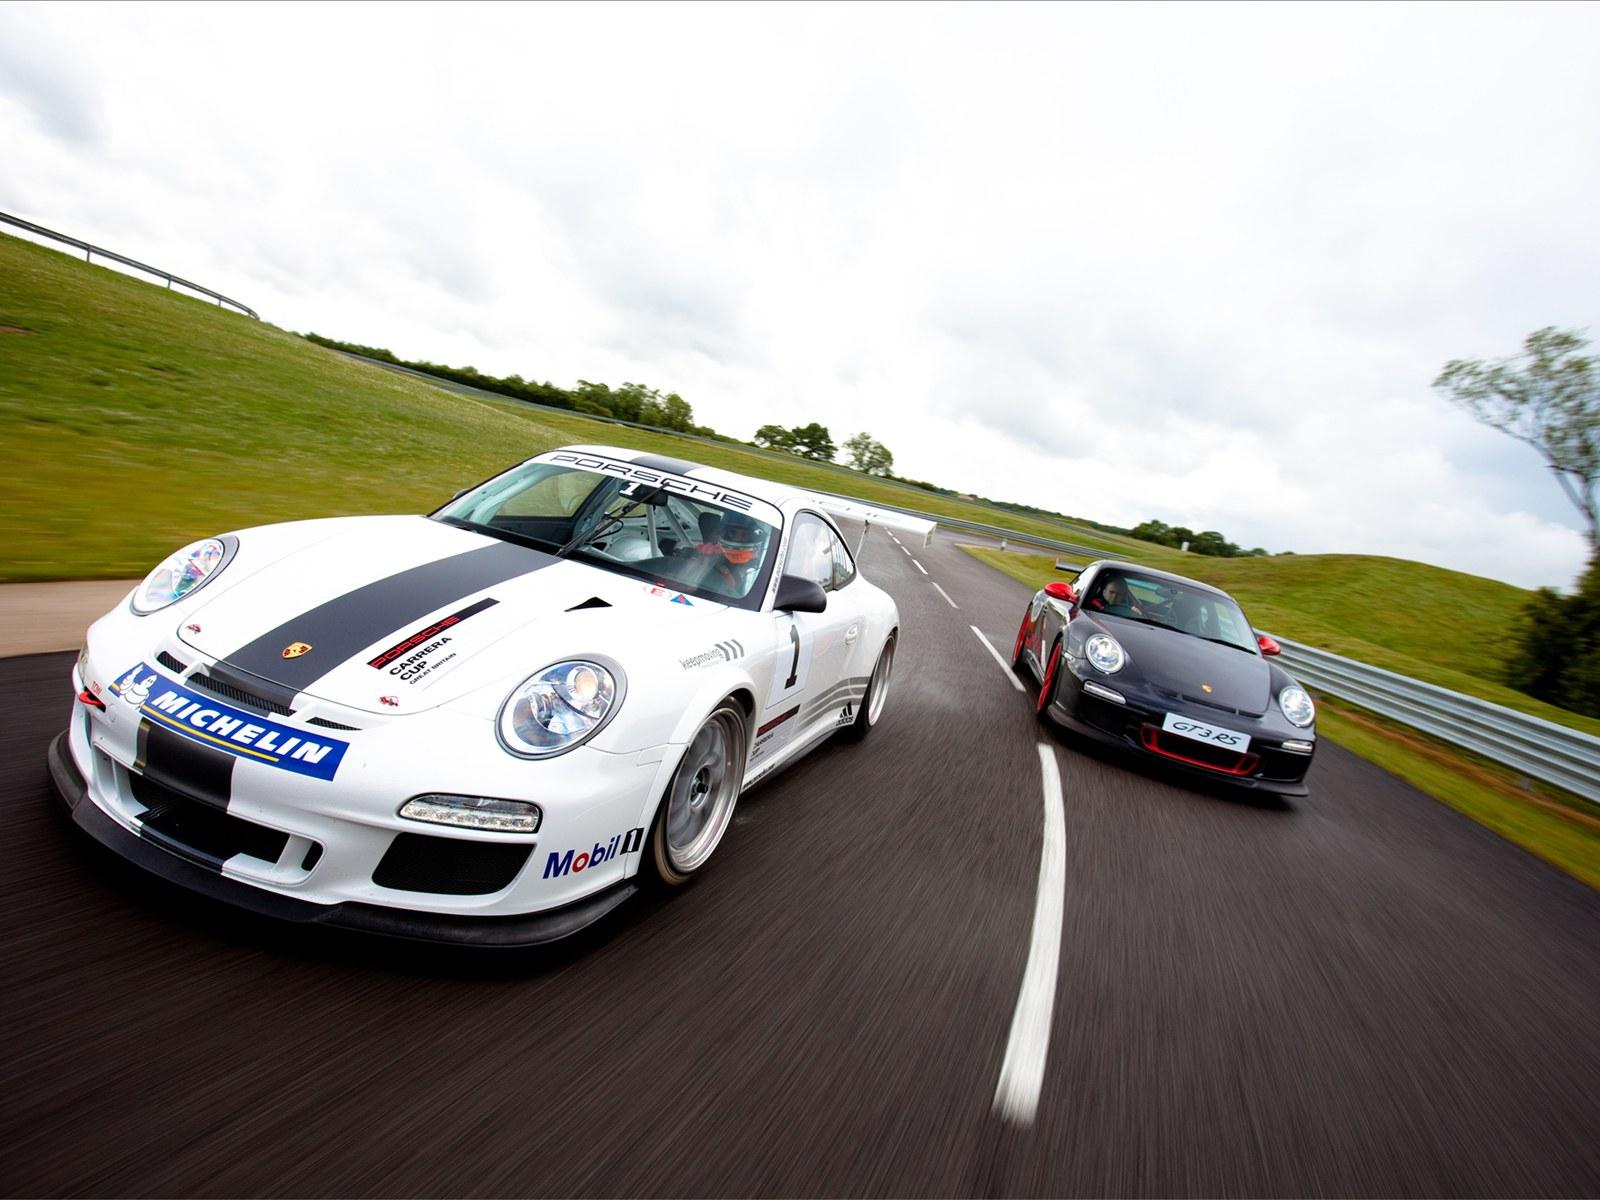 http://4.bp.blogspot.com/_L7TBxp3i-_I/TTbGbNOqZgI/AAAAAAAABJw/Q2IoNTUdXQ0/s1600/Porsche+911+GT3+Cup+2011+wallpaper.jpg